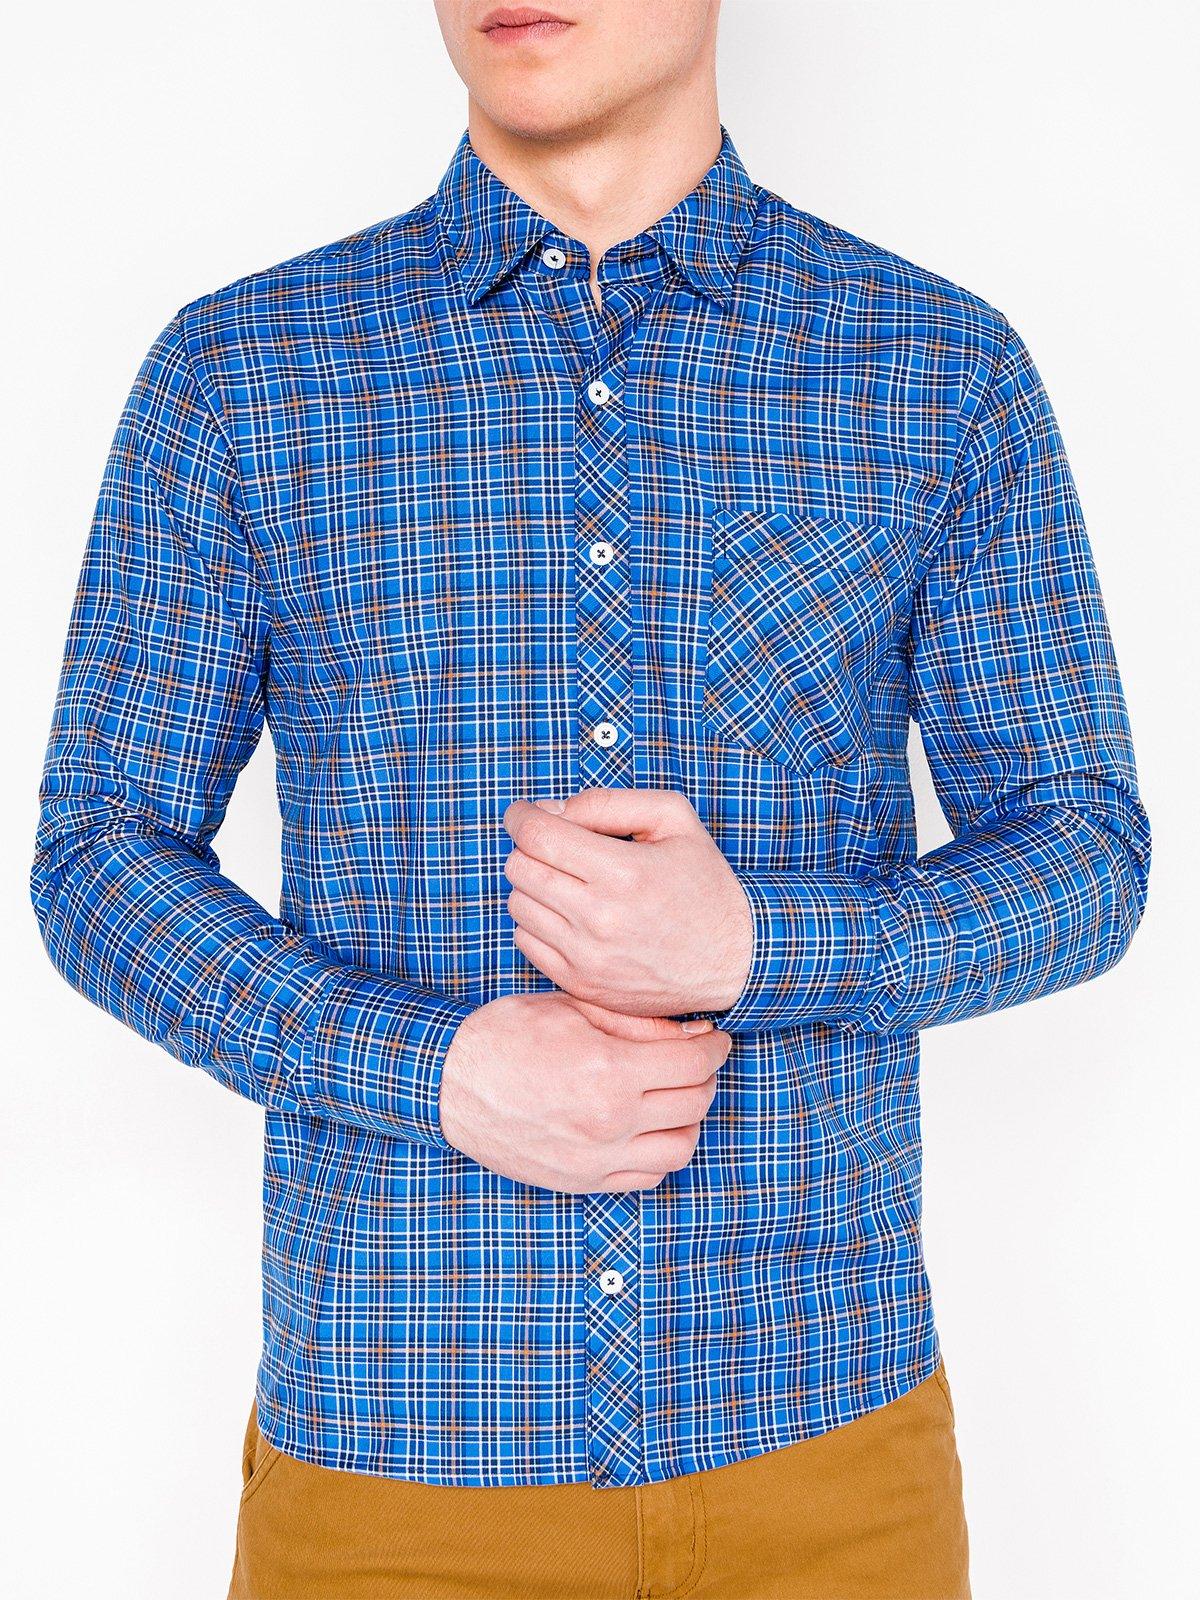 cb7d9851846 Мужская рубашка в клеточку с длинным рукавом K421 - синяя синий ...